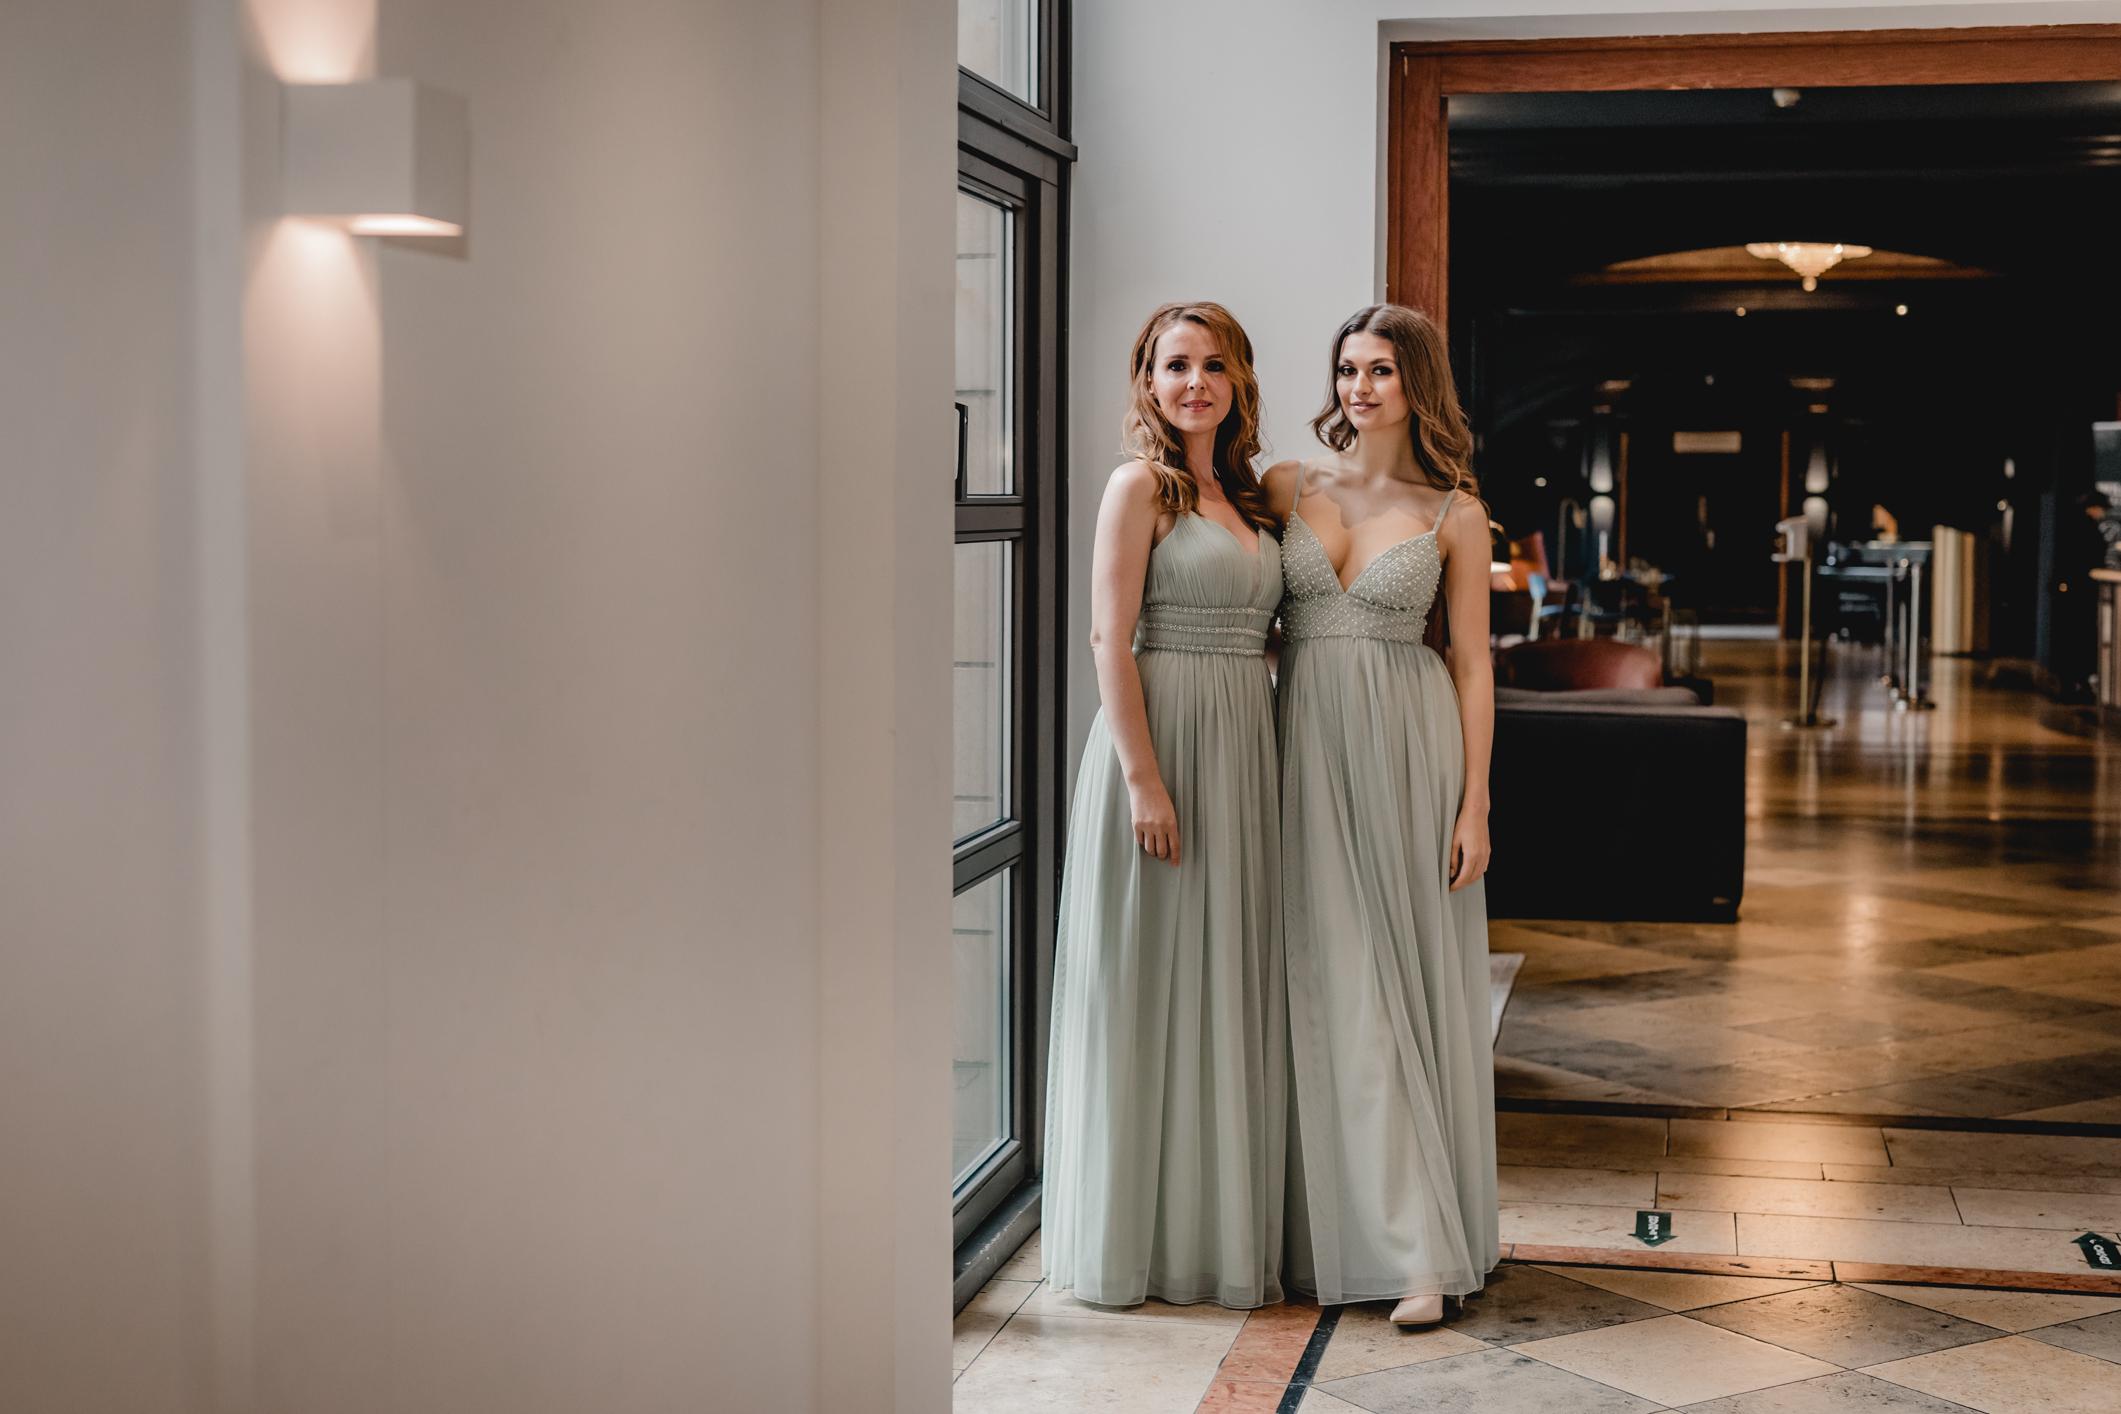 Elegantes bodenlanges leichter Stoff Kleid - Brautjungfern und Trauzeugin - Festmoden - Feelings Braut & Festmode